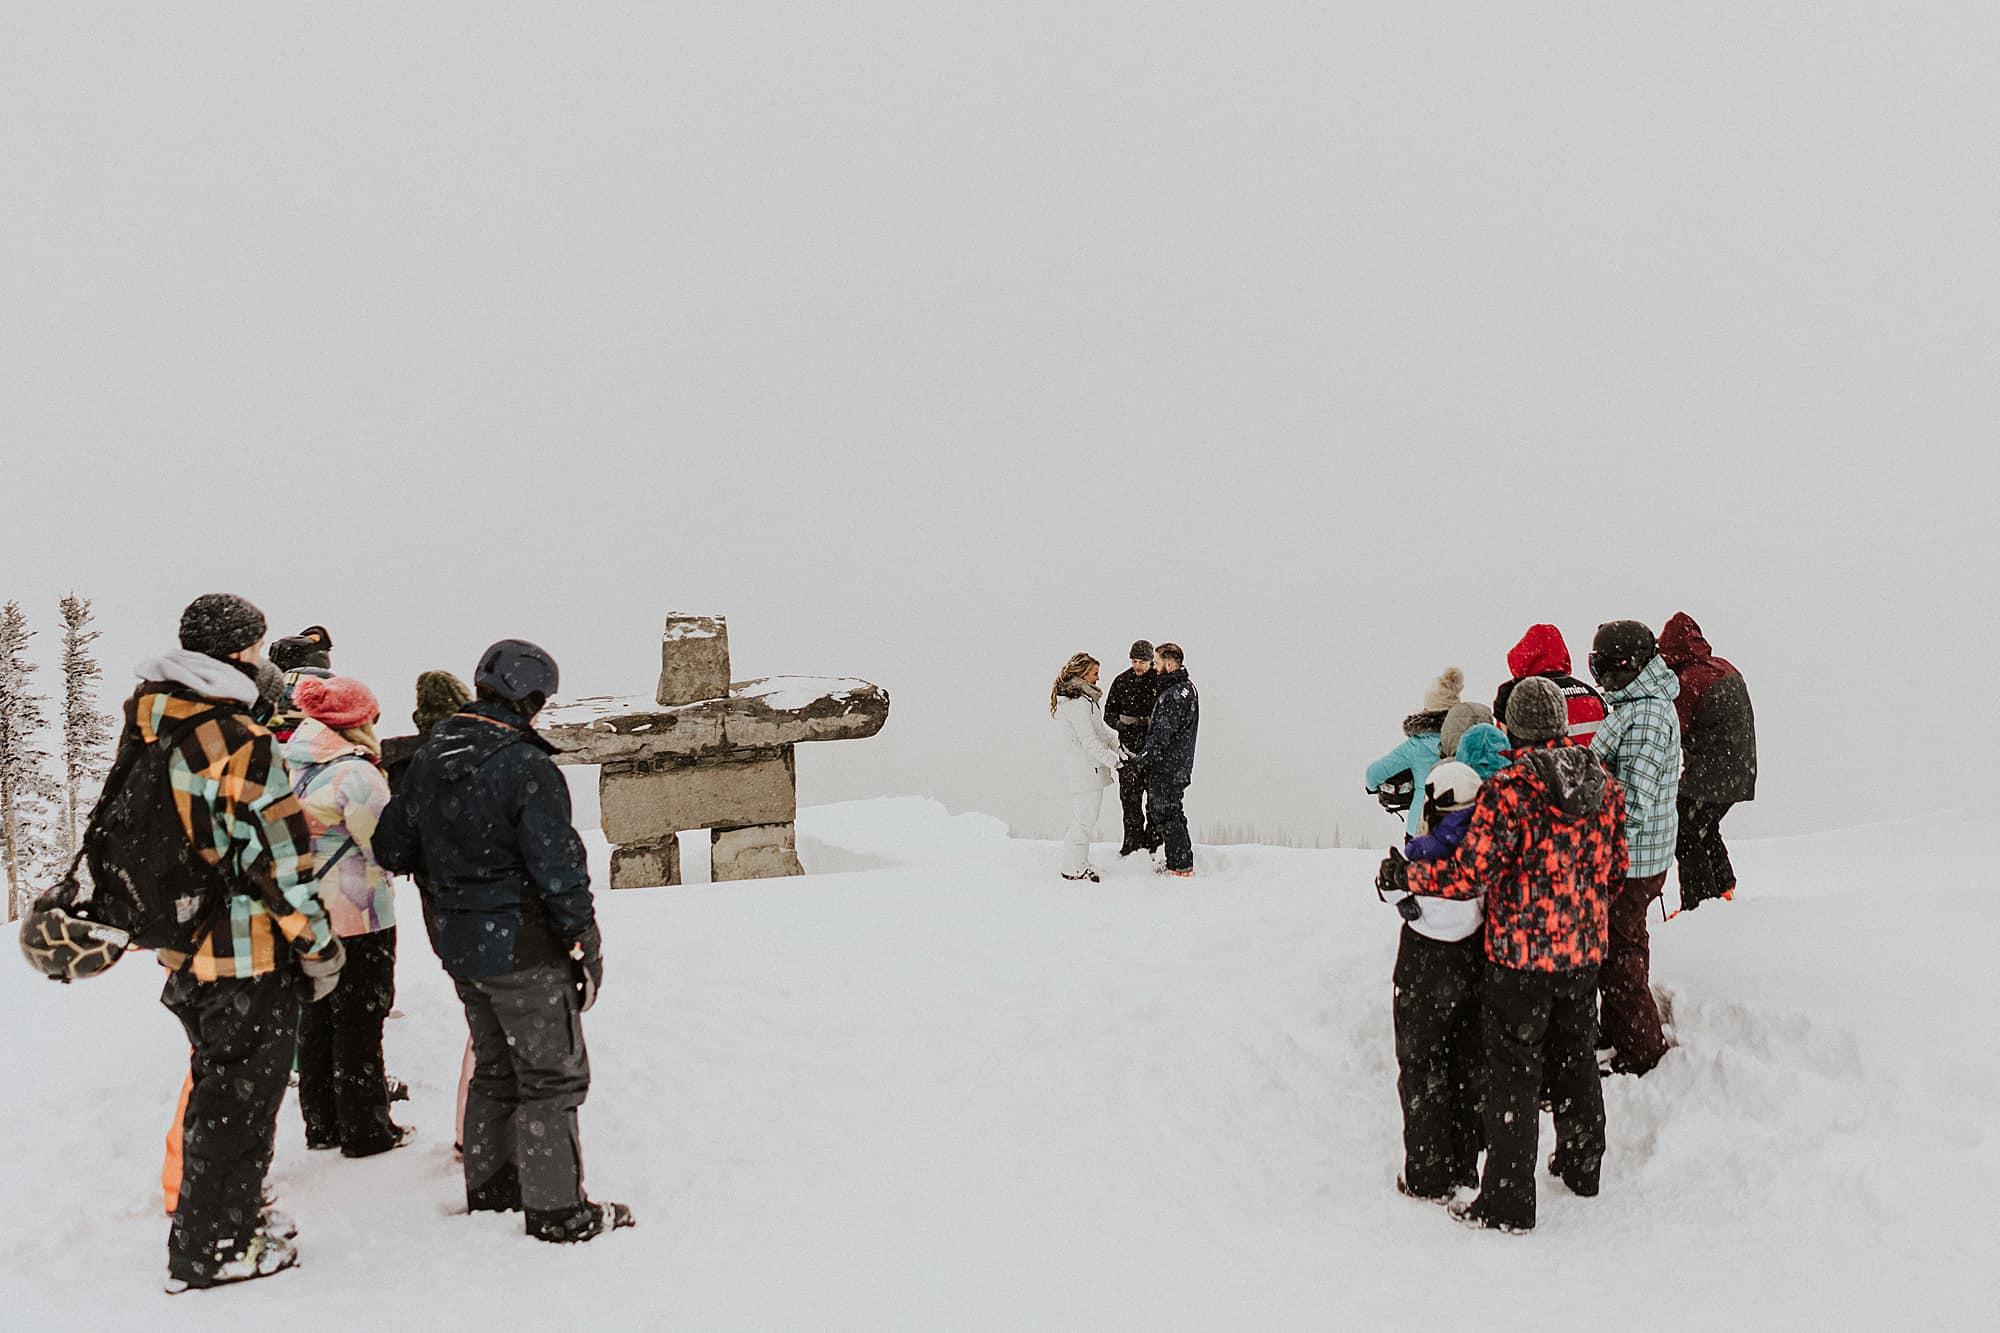 whistler mountain top skiing wedding